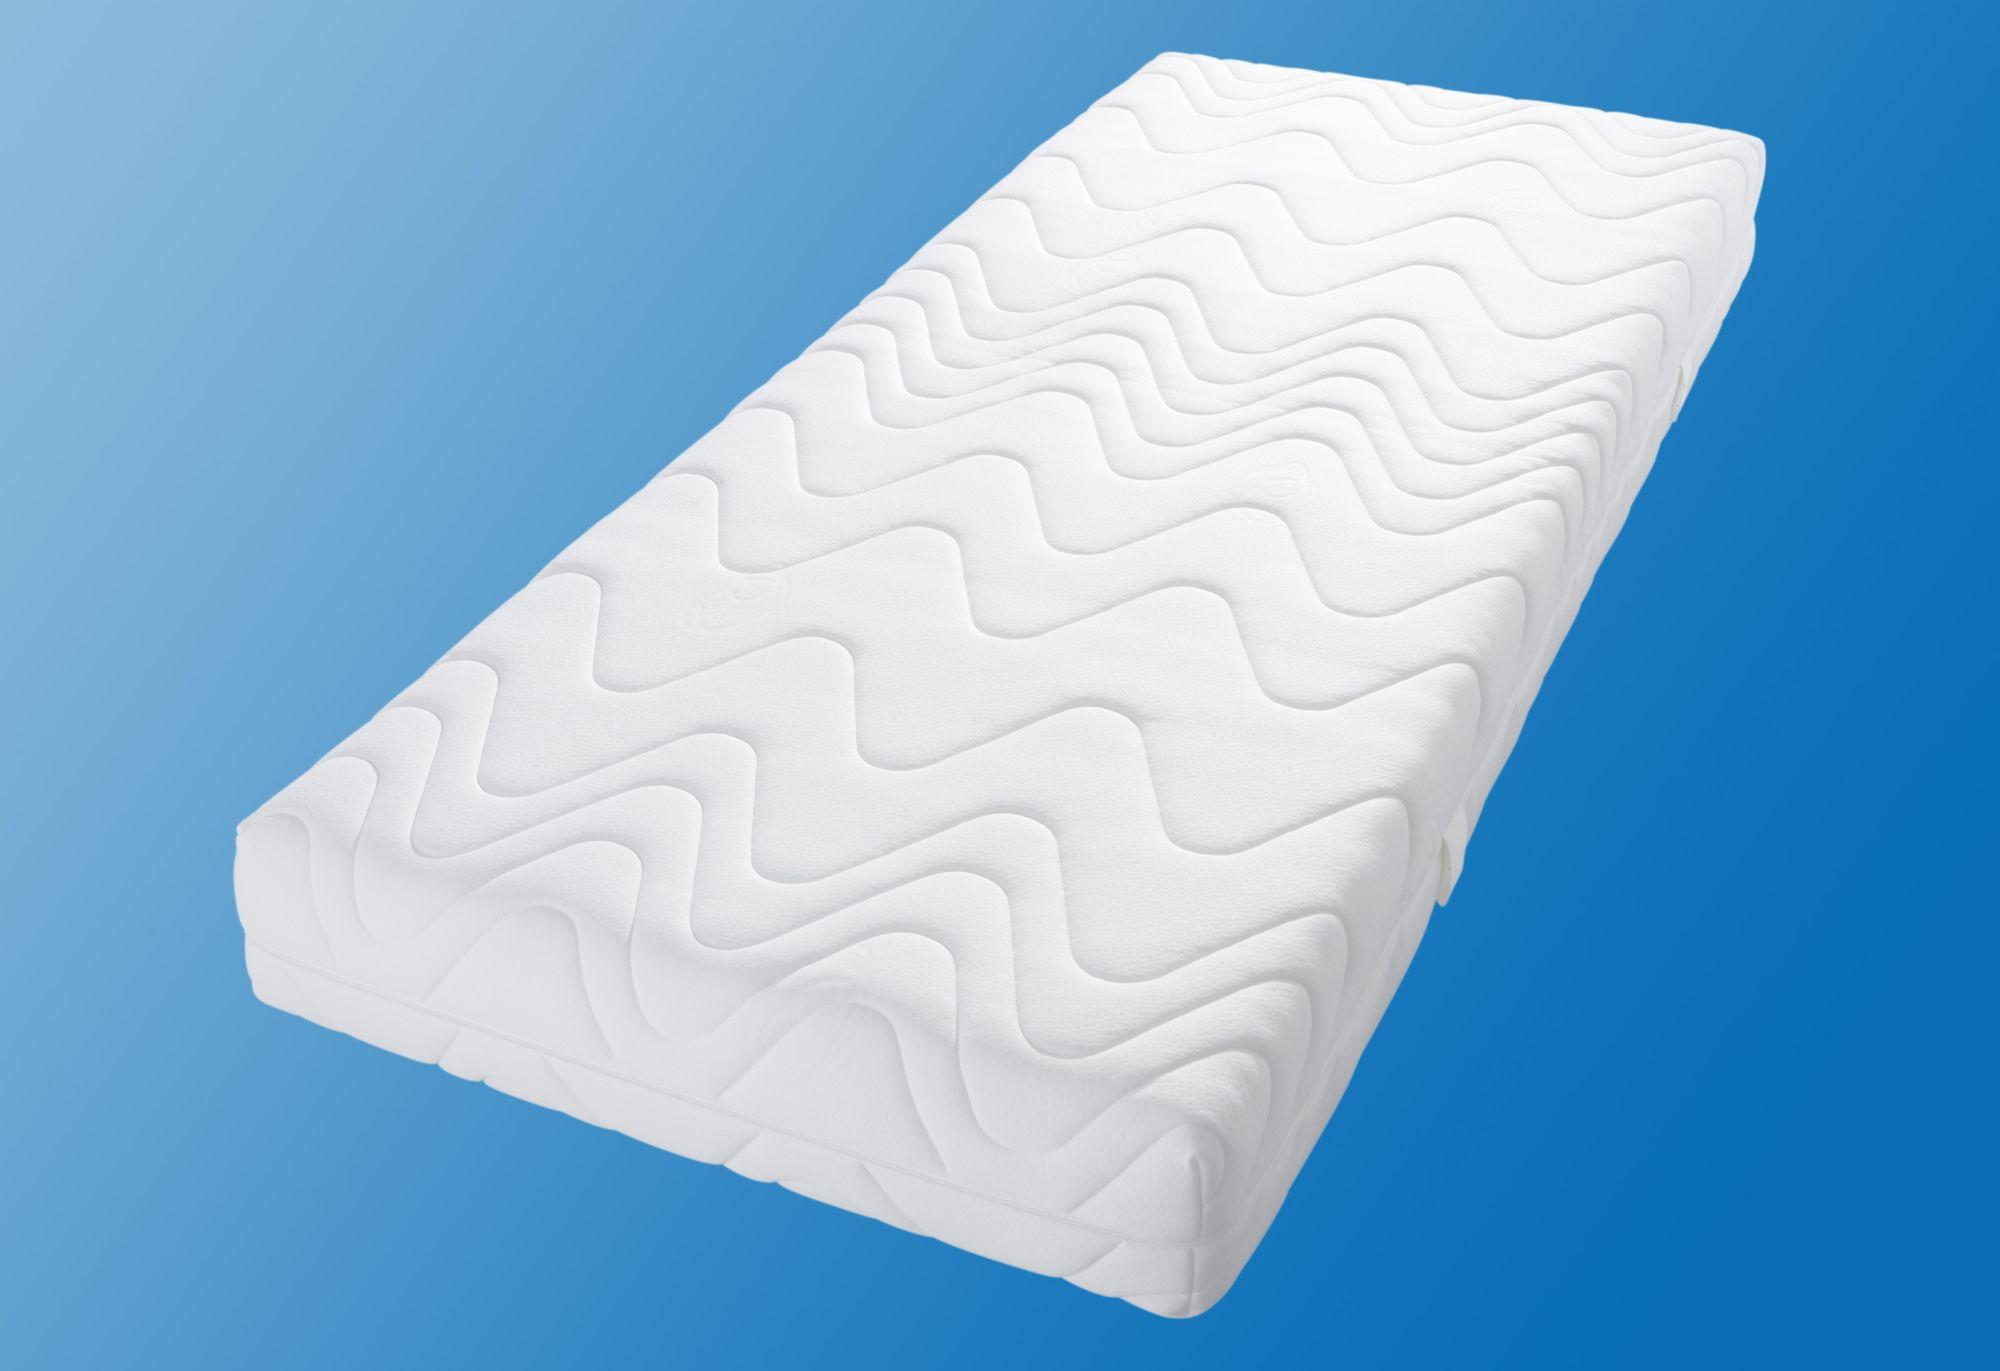 """BECO Komfortschaummatratze, »Wellness KS«, BeCo, 20 cm hoch, Raumgewicht: 28, 1-tlg. oder 2-tlg., TÜV-Testurteil """"""""GUT"""""""", im Doppelpack günstiger"""